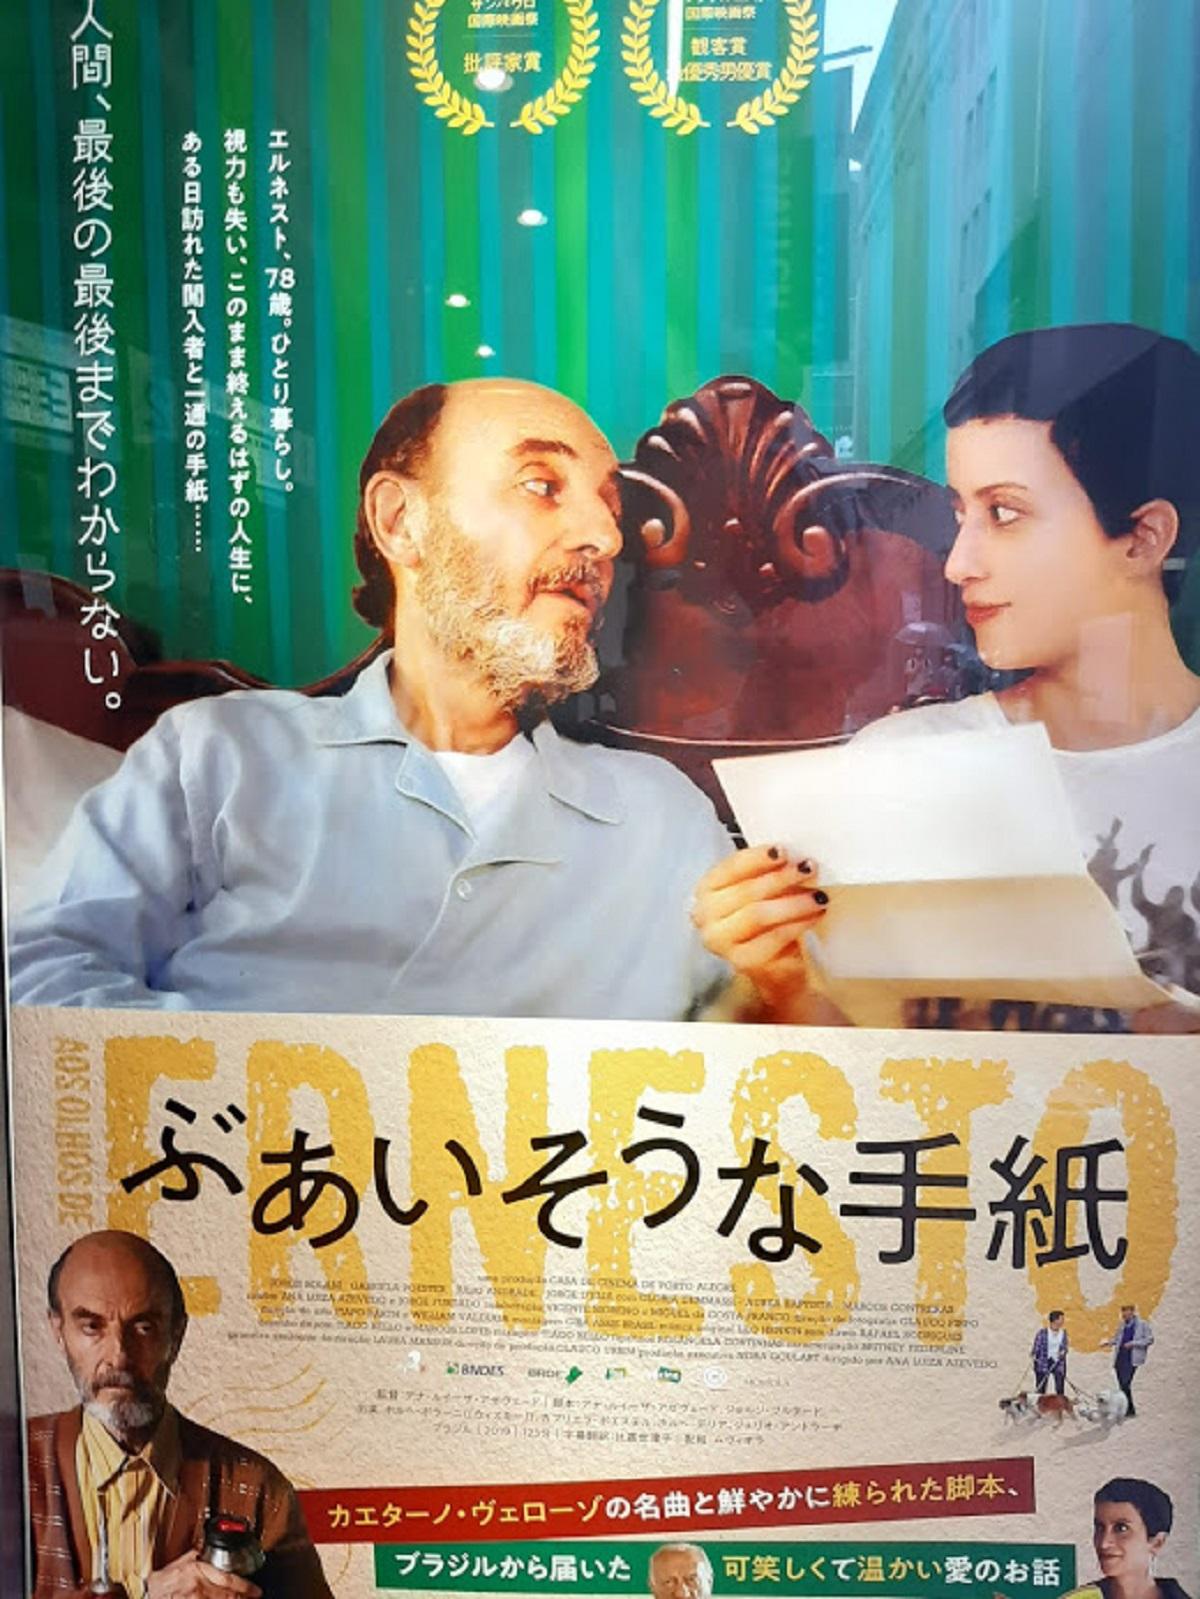 映画『ぶあいそうな手紙』のチラシポスター